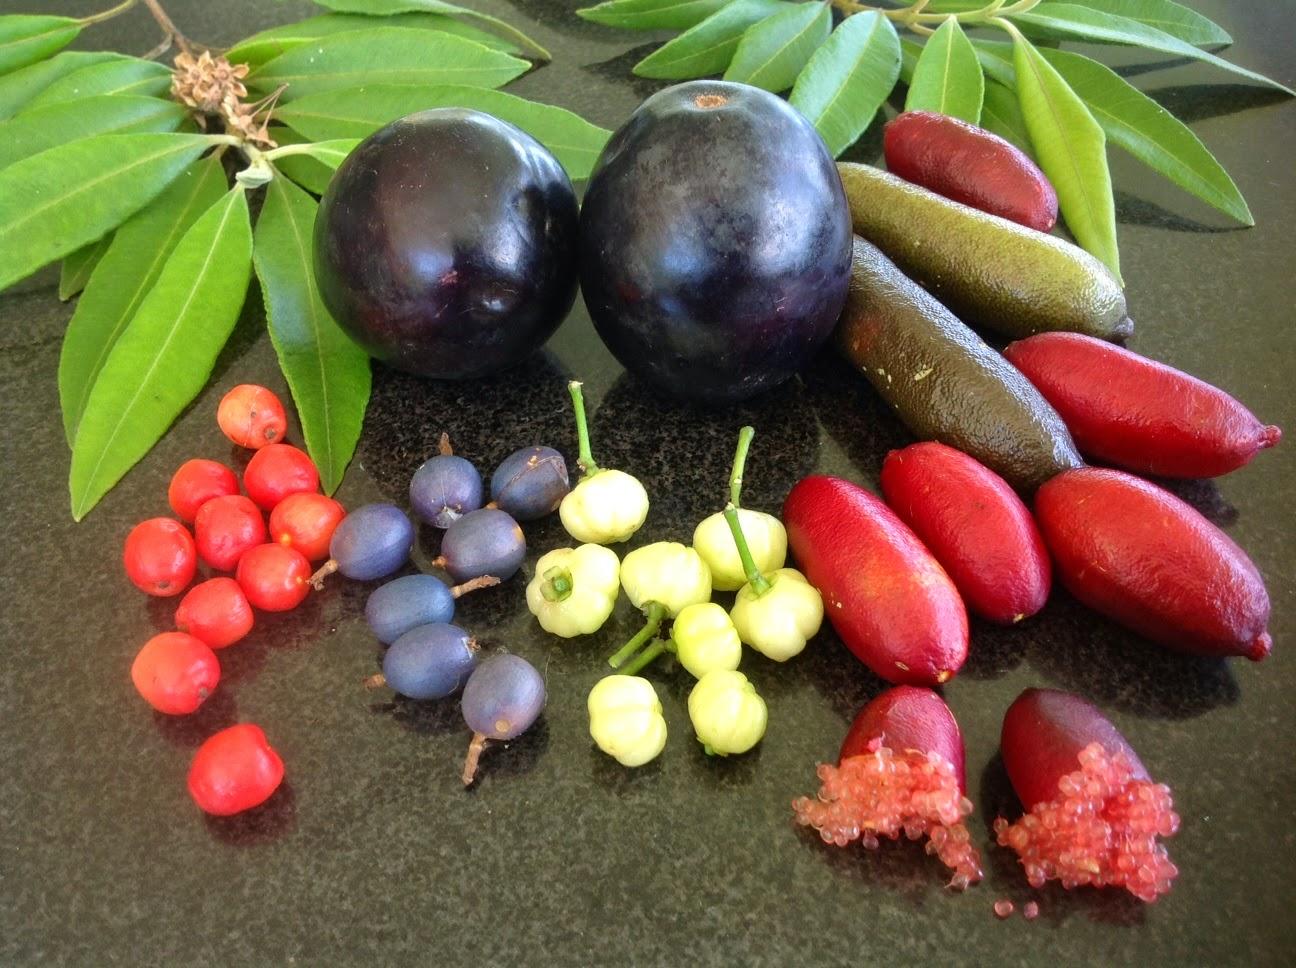 Date fruit in Sydney